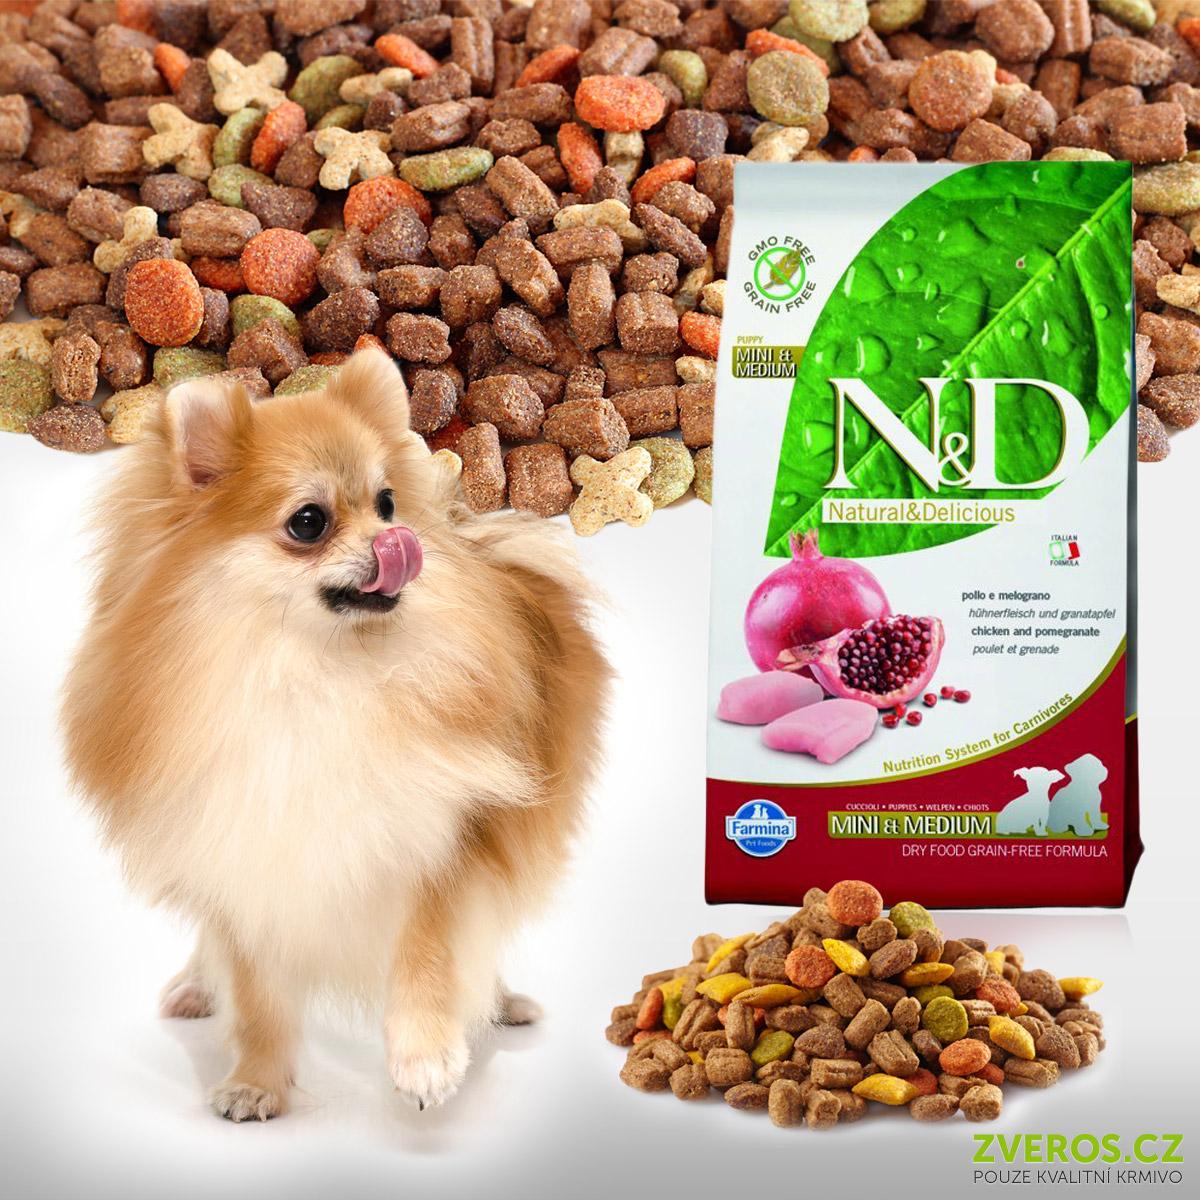 Granule pro štěňata N&D Puppy Chicken & Pomegranate Dog koupíte na Zveros.cz. Obsahují superpotravinu a silný antioxidant – granátové jablko.